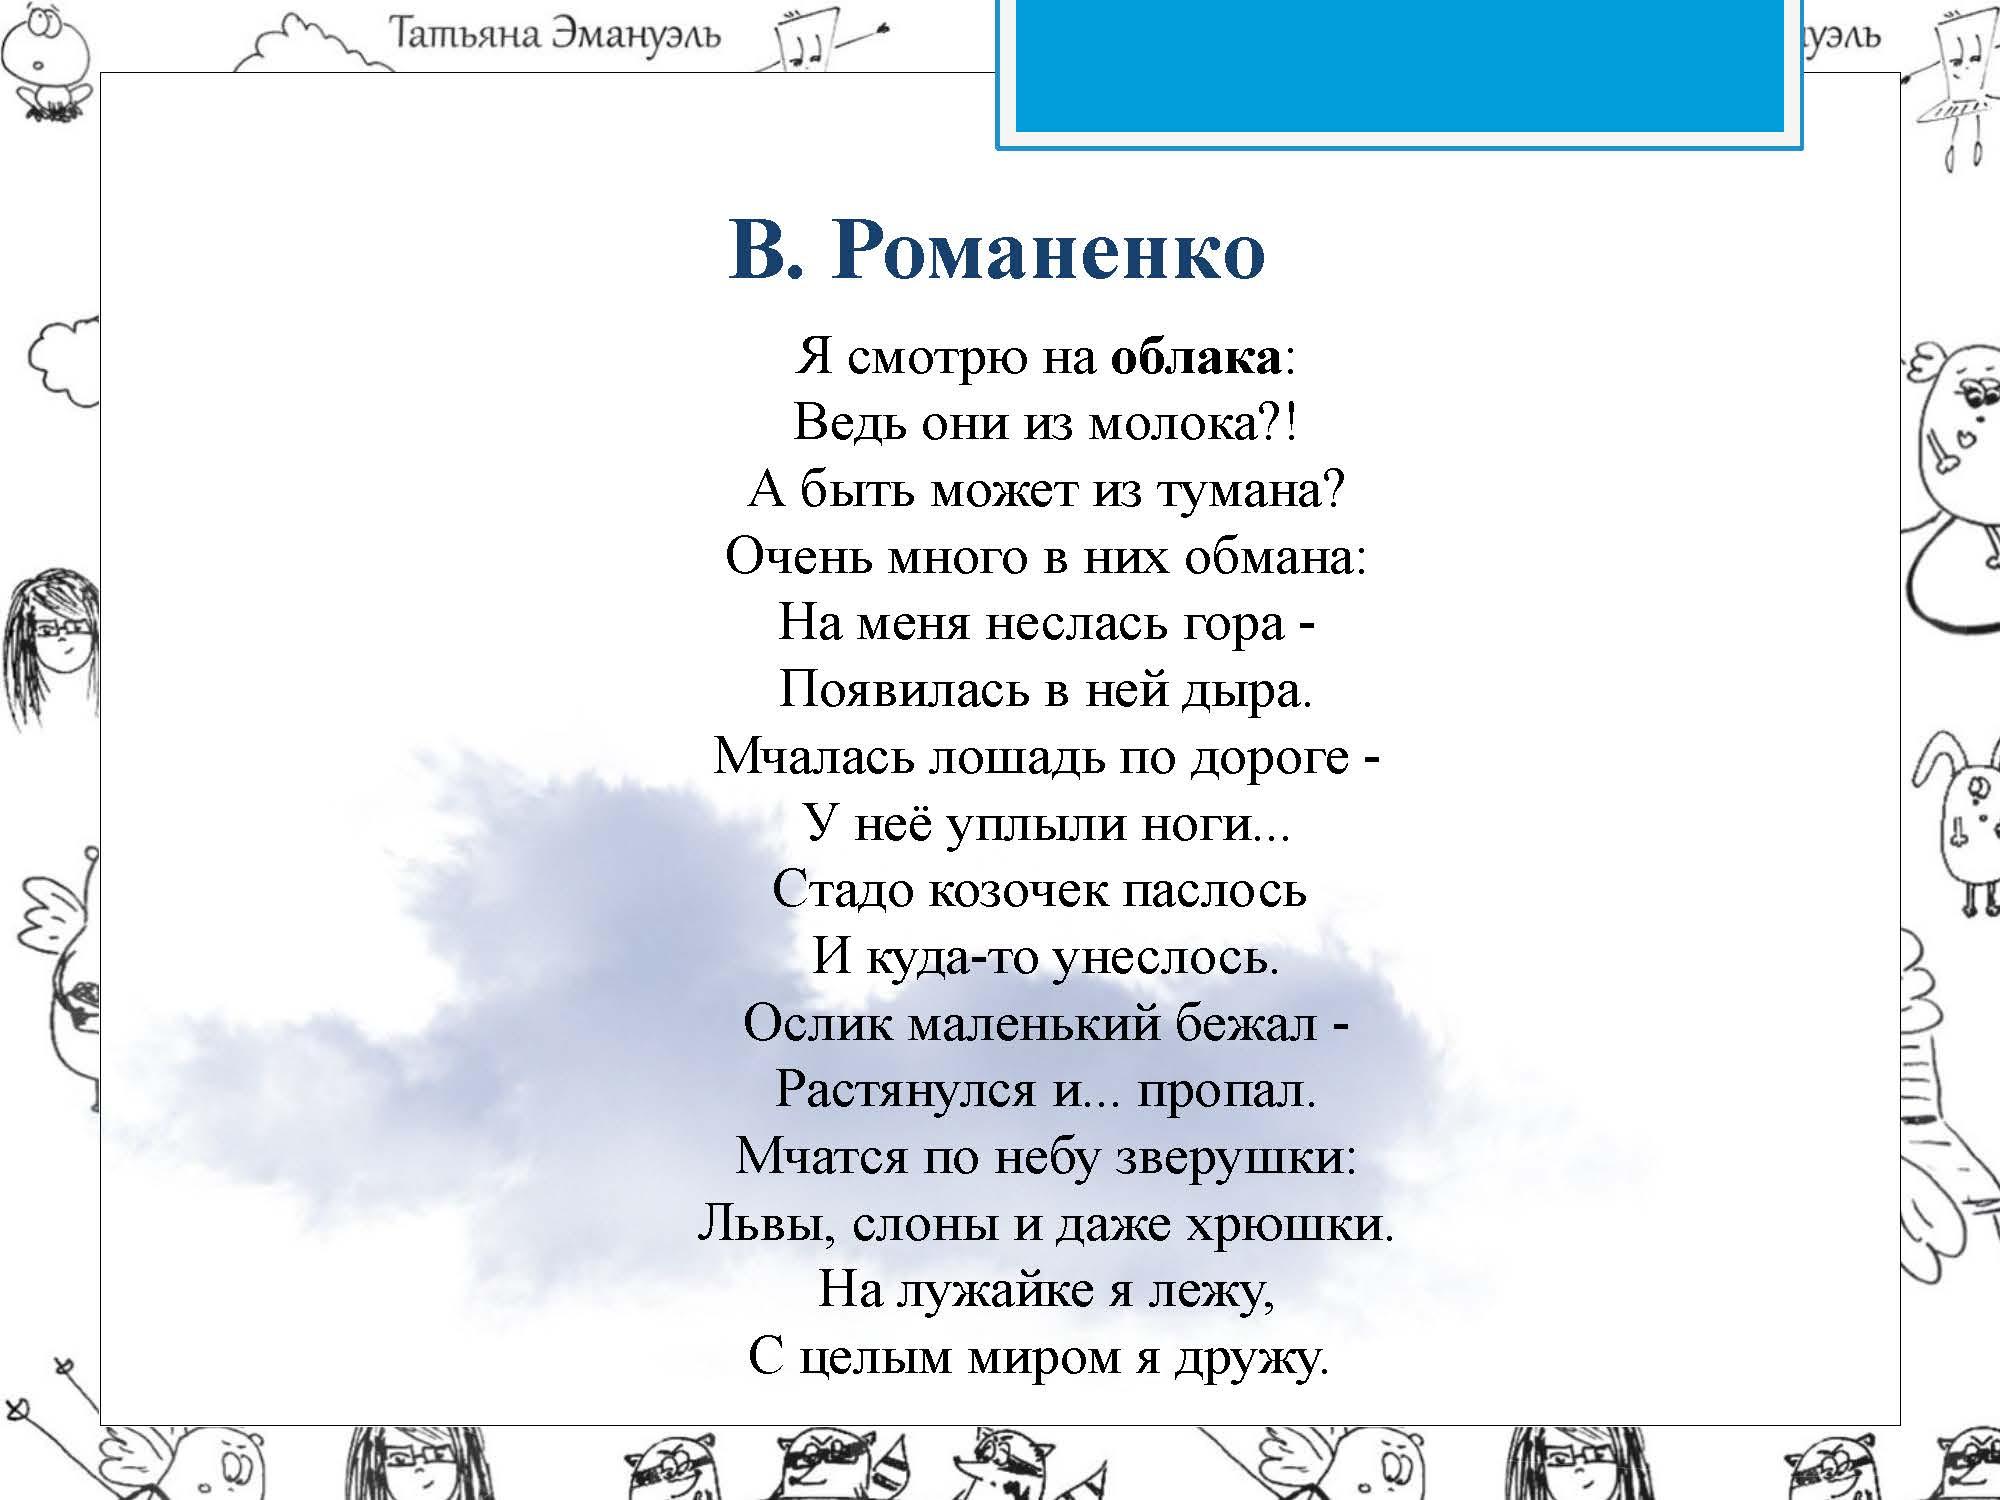 !облака_Страница_174